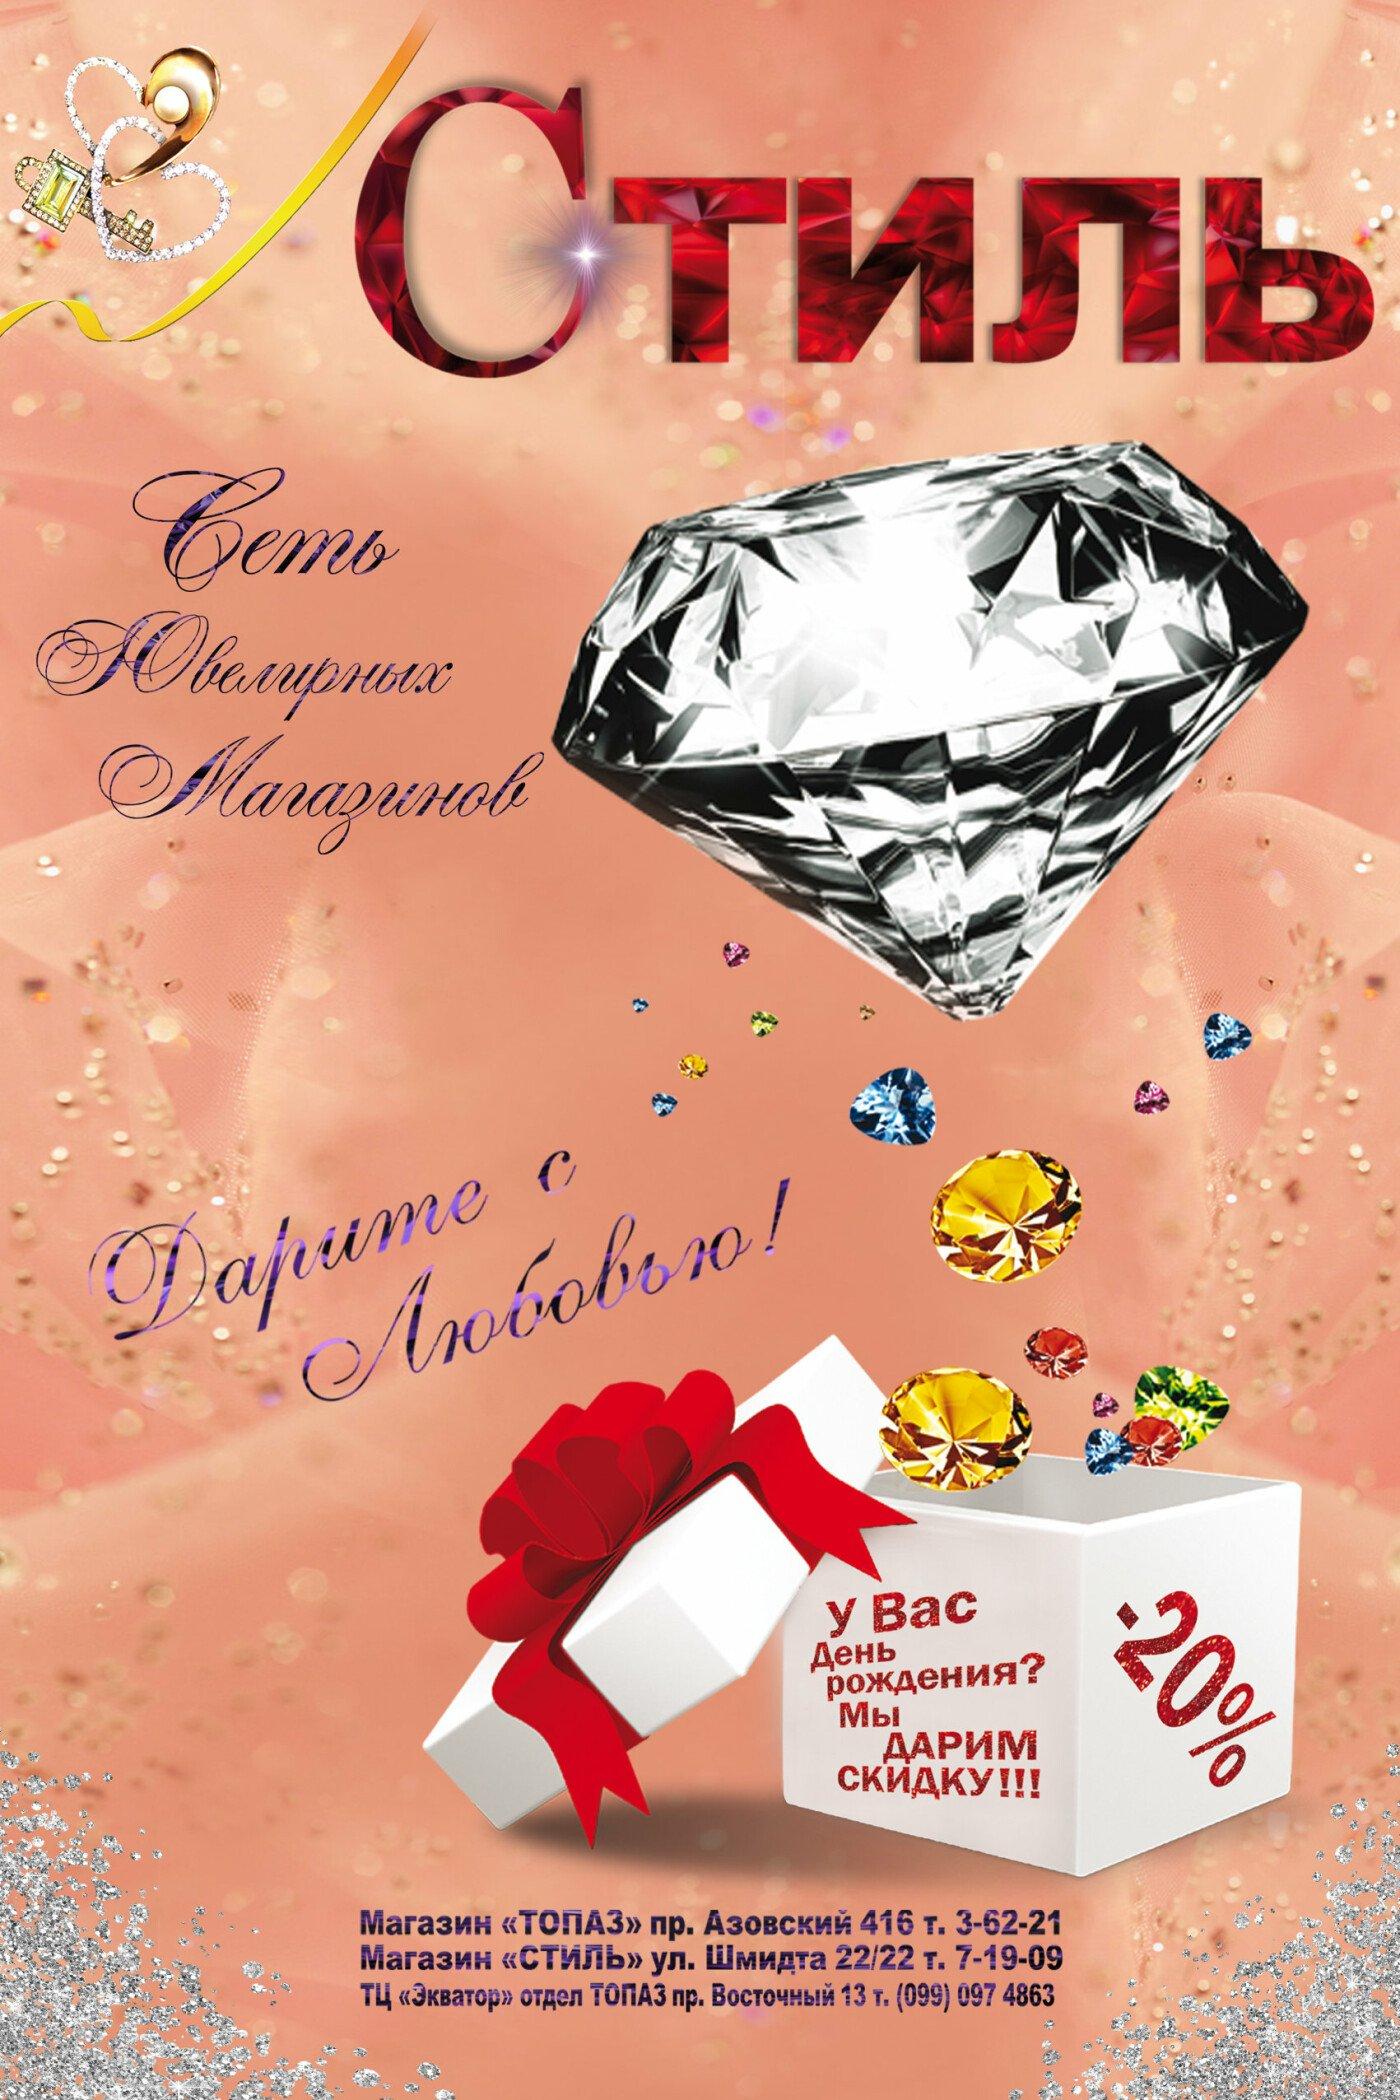 Подборка подарков на 8 марта от сайта 06153.сom.ua, фото-140